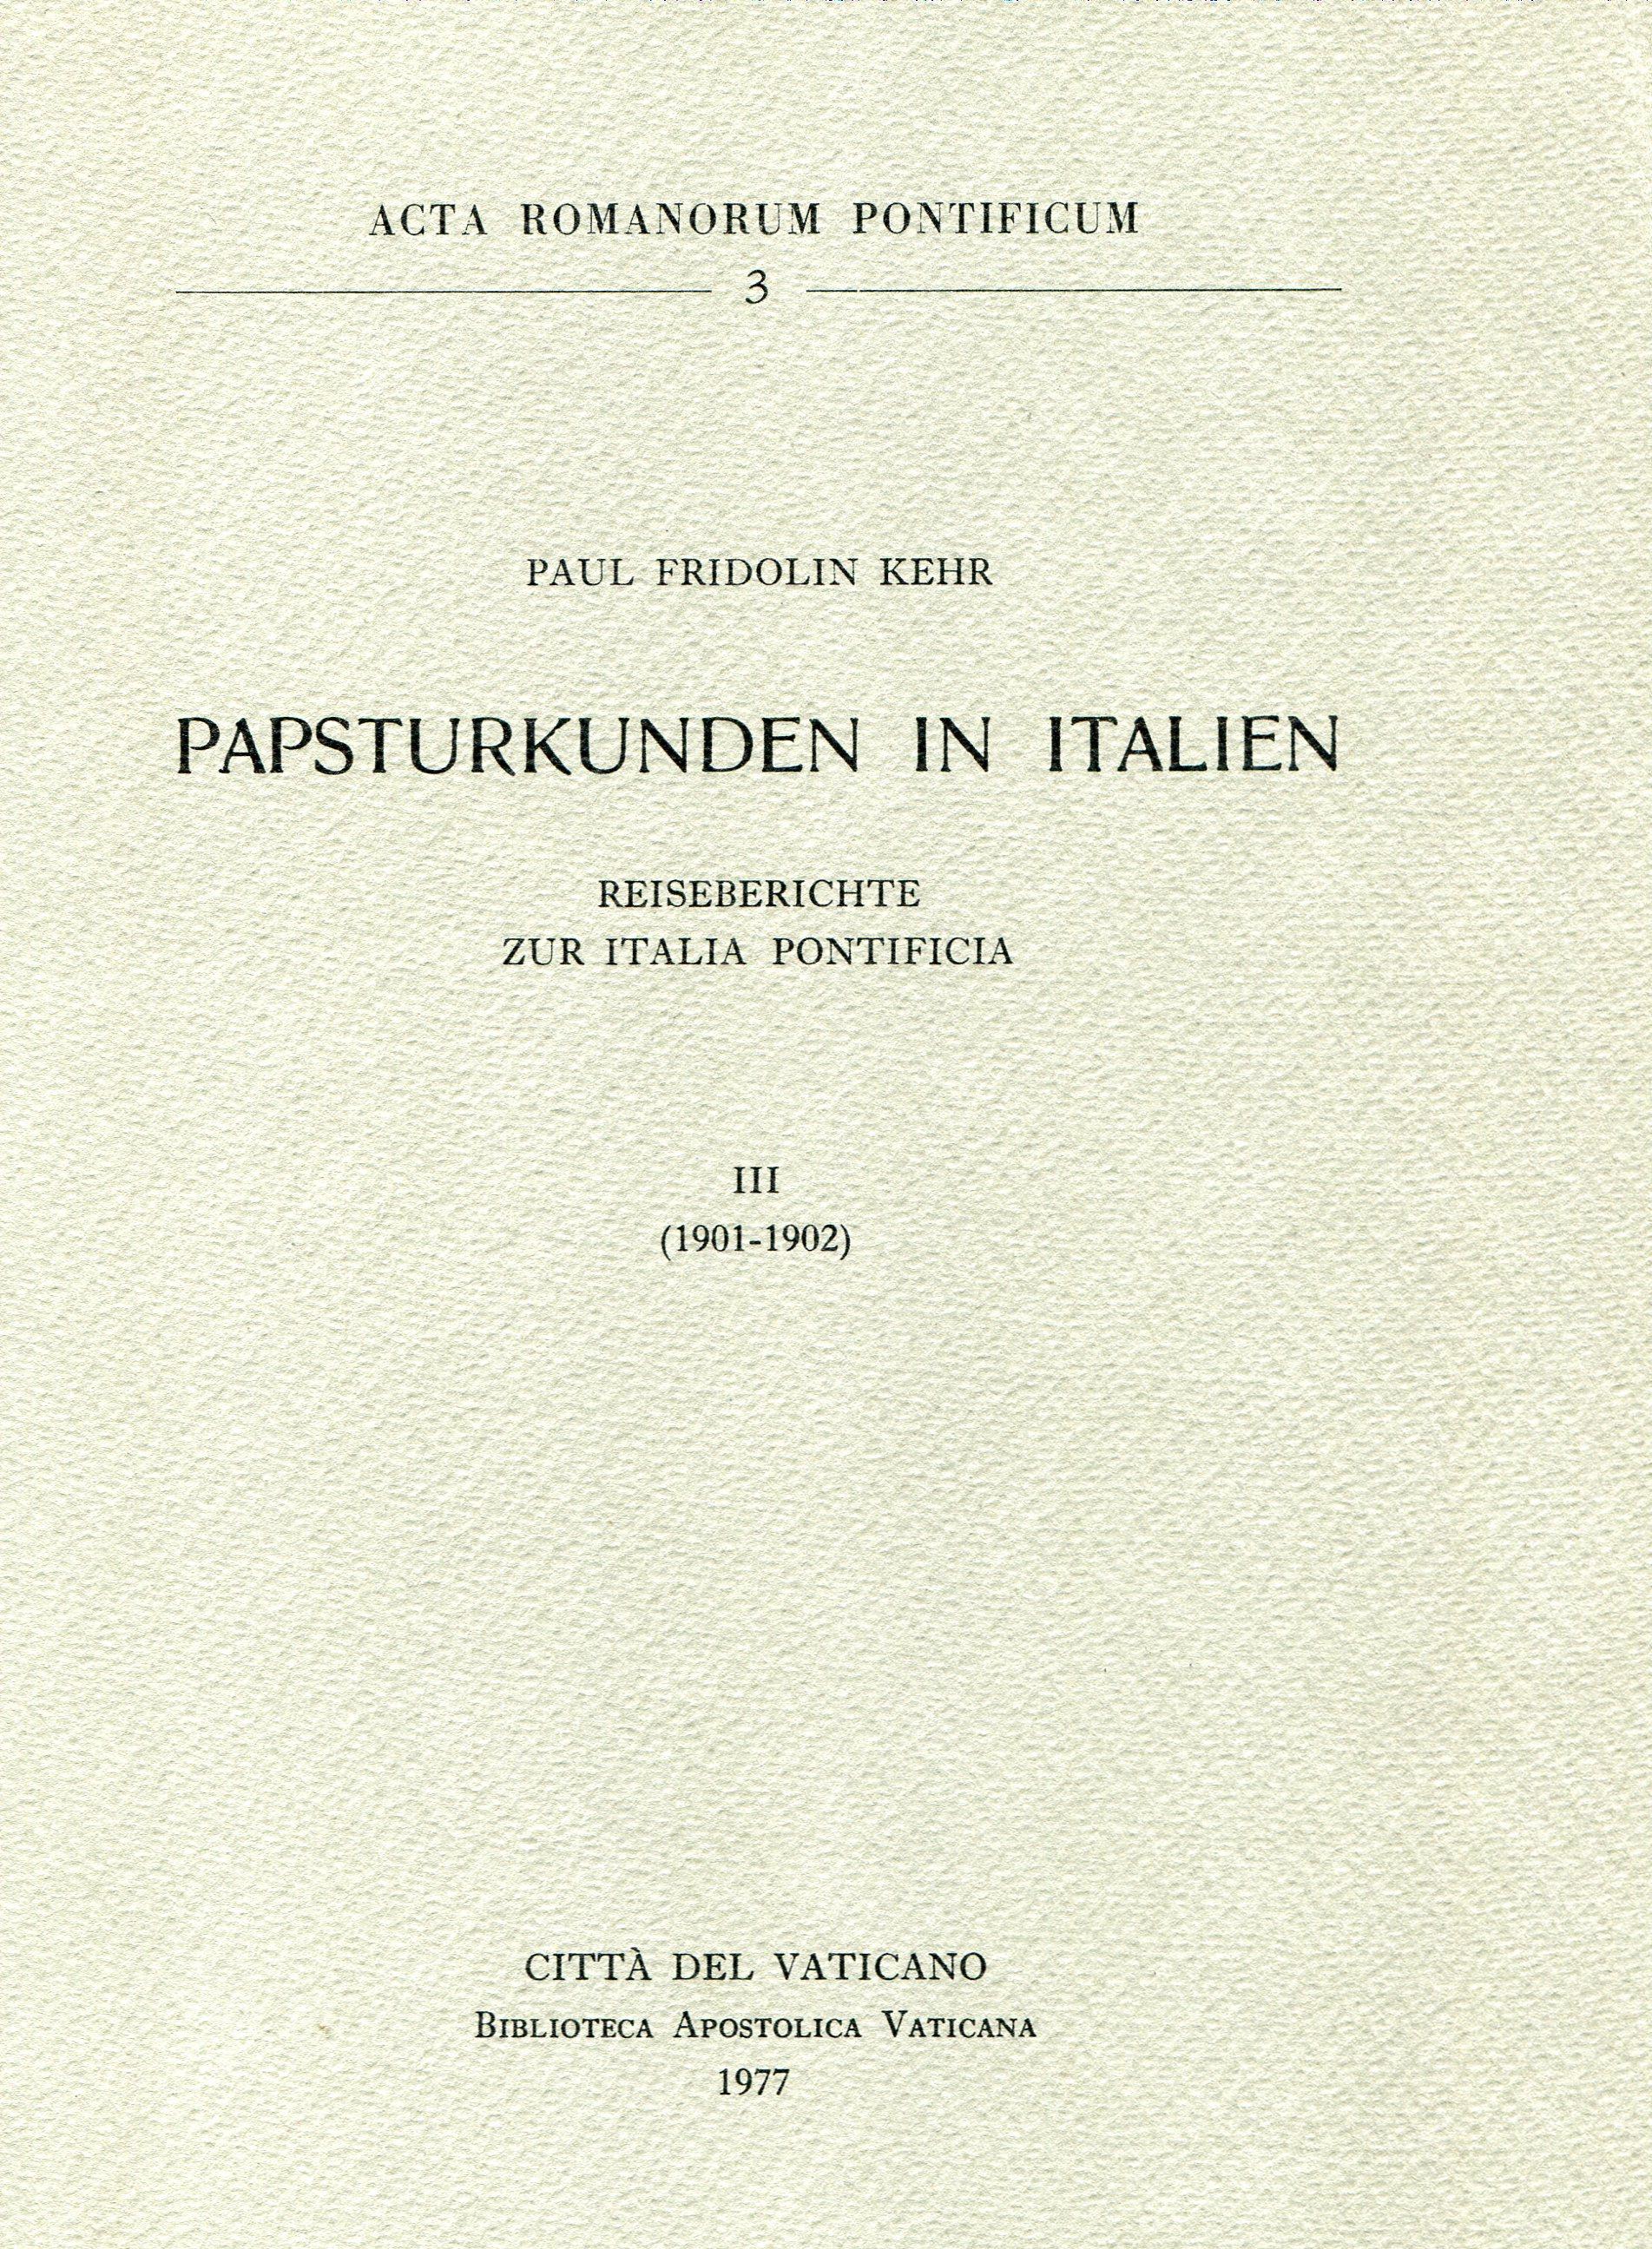 Papsturkunden in Italien. Reiseberichte zur Italia pontificia ‒ Vol. III. 1901-1902.